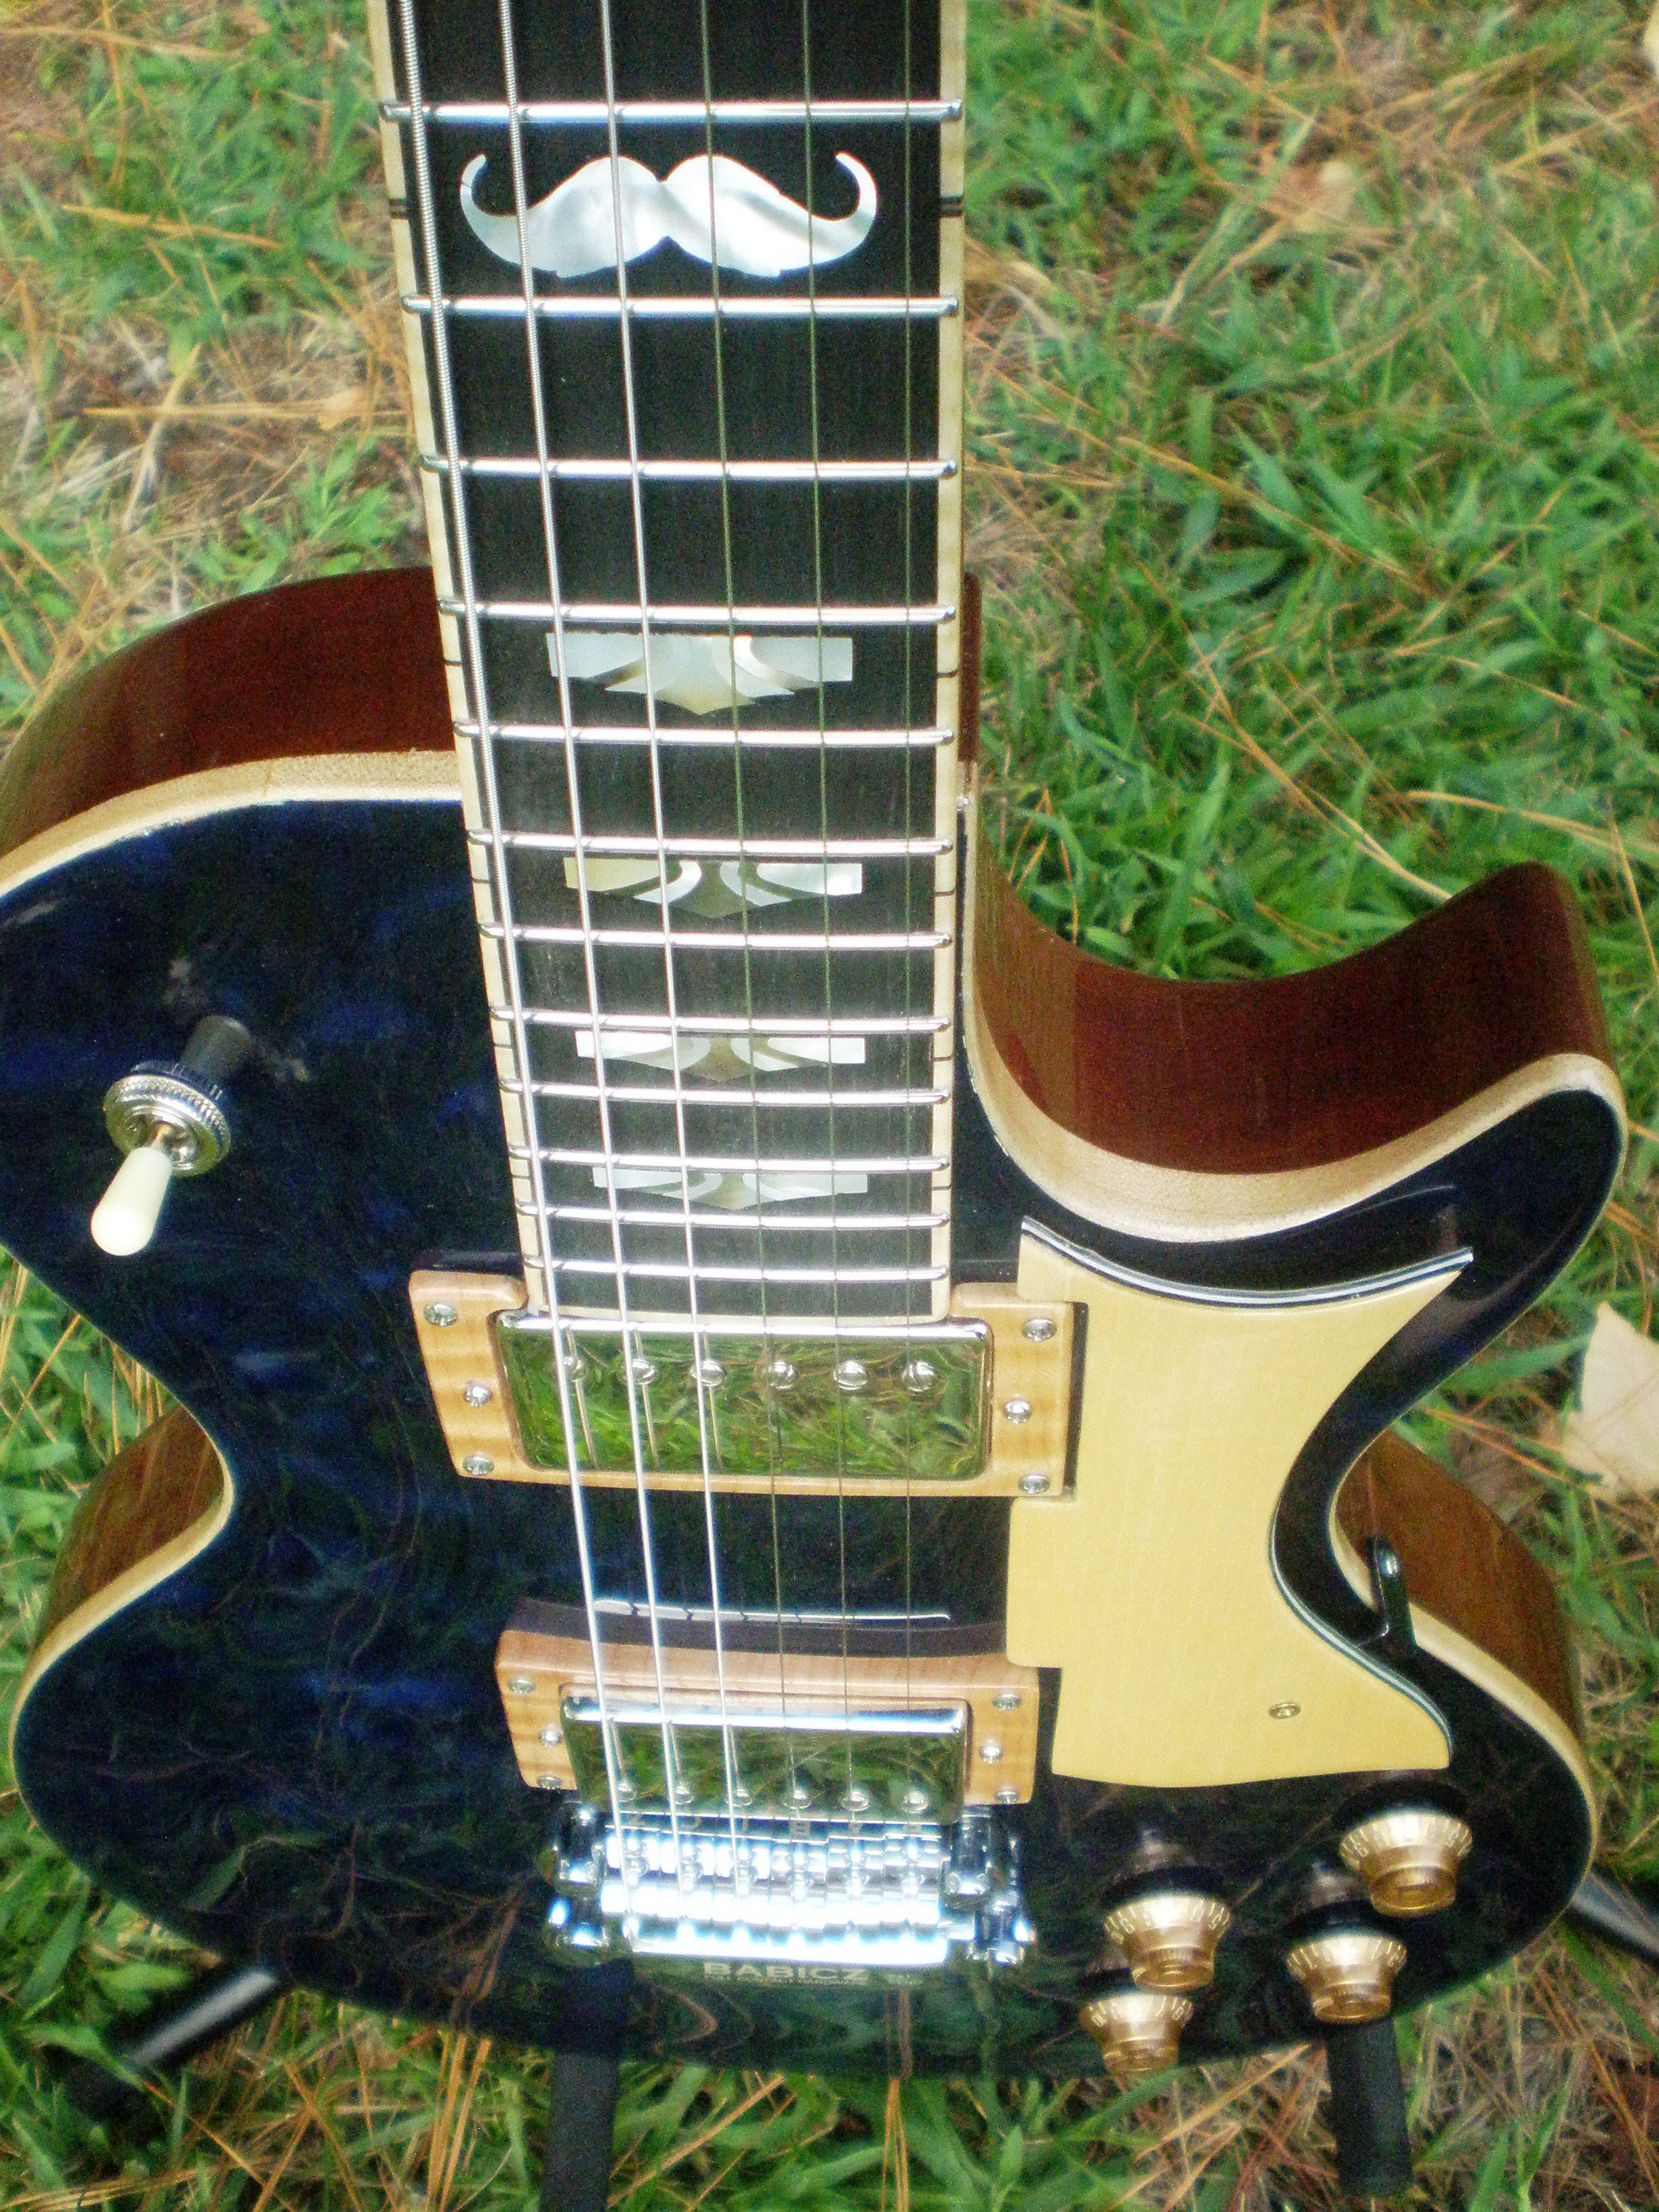 Hawkins Les Paul Style Guitar Top View